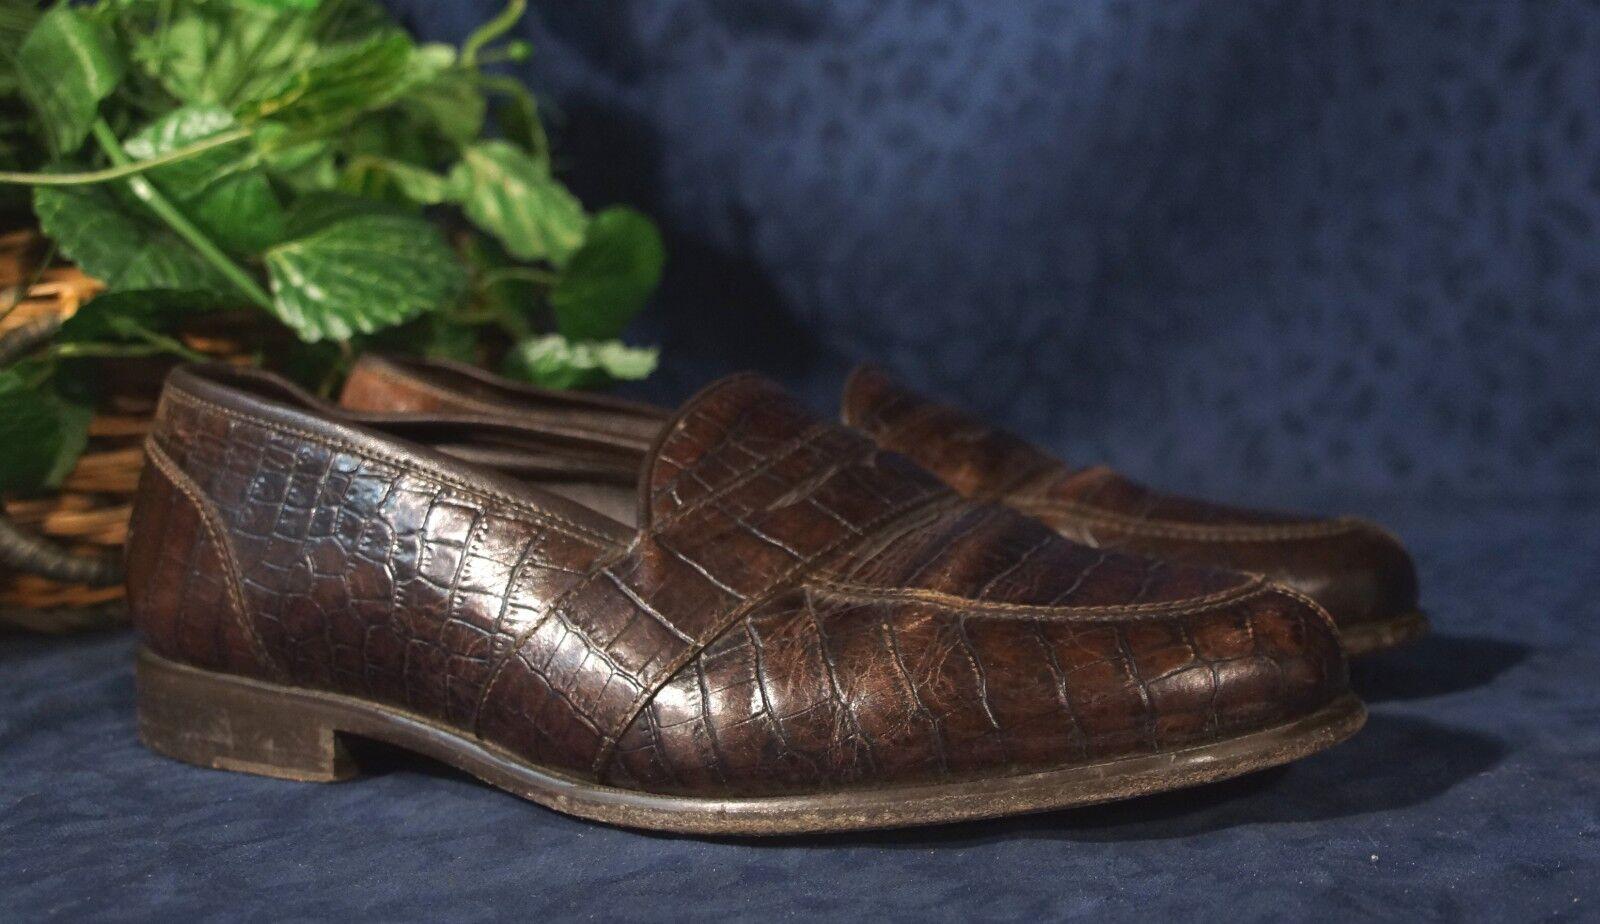 consegna veloce e spedizione gratuita per tutti gli ordini Handsome Dark Marrone Moc Croc WHITTEN'S WHITTEN'S WHITTEN'S Private Stock Leather Loafers Sz 10.5M  design unico